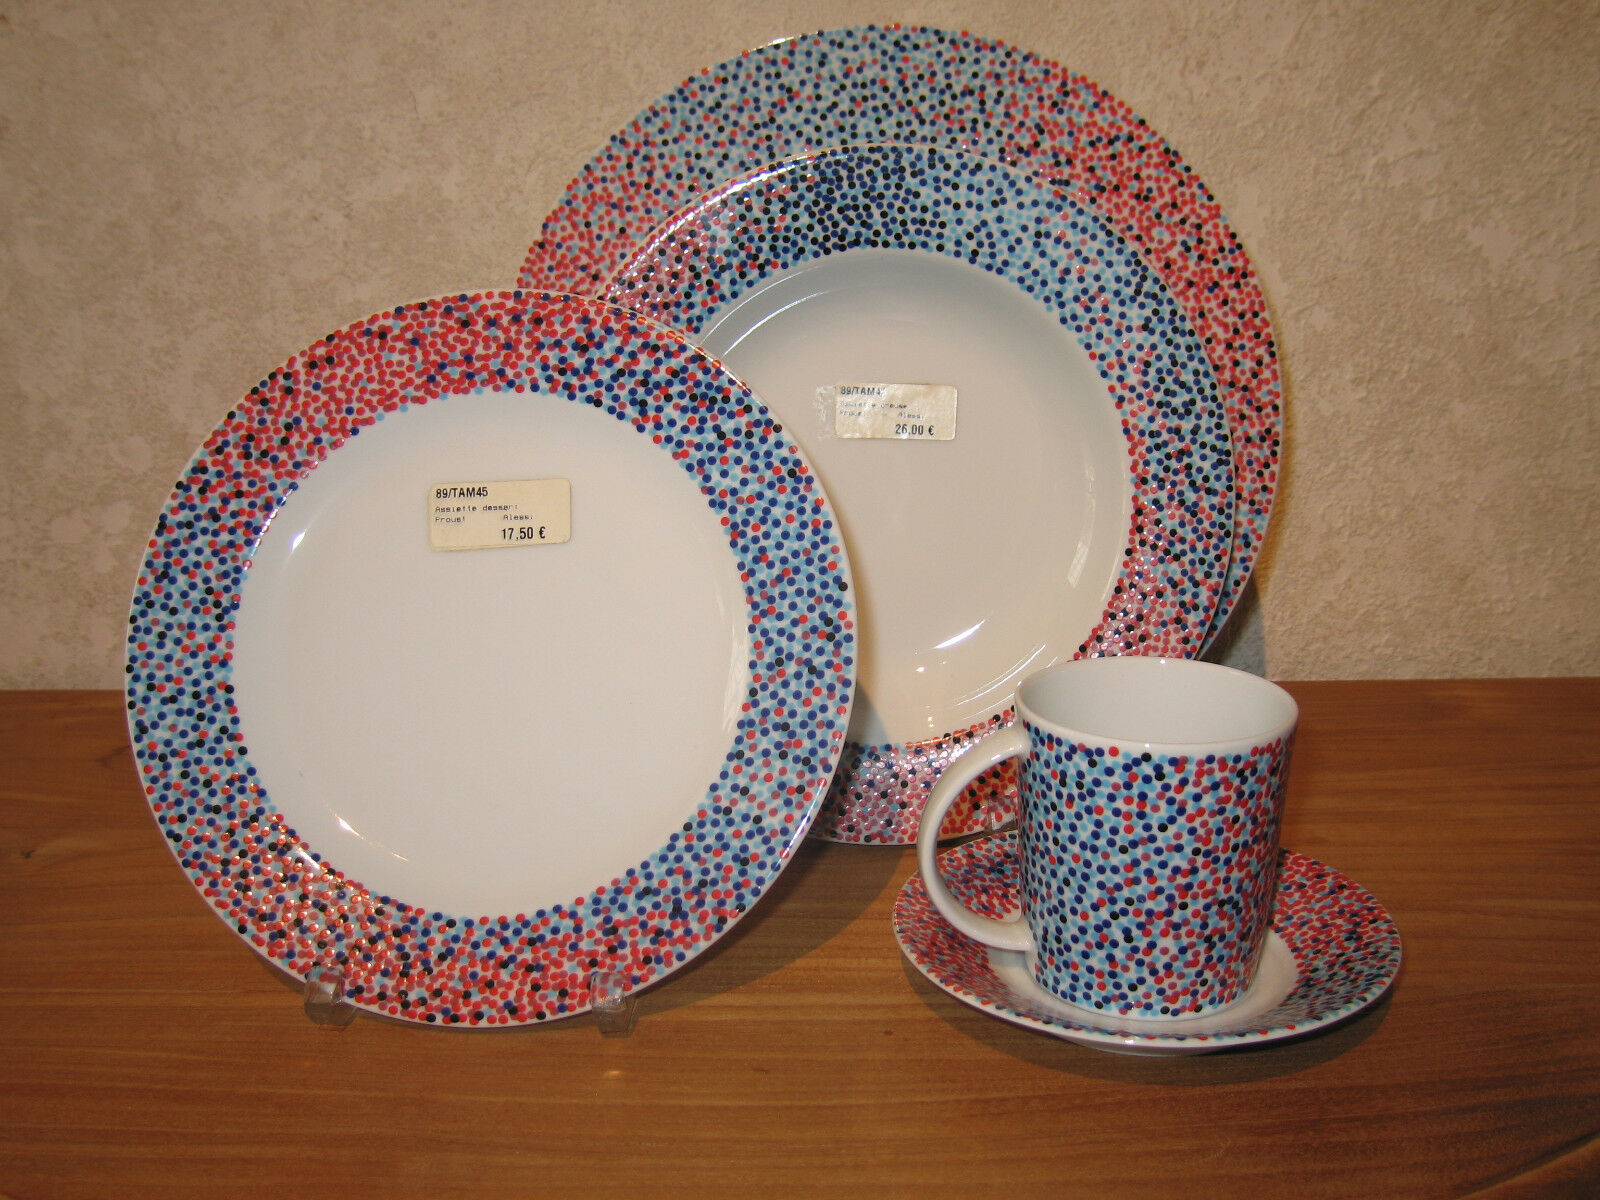 ALESSI NEW PROUST MOUCHETE Set 3 assiettes + 1 tasse Plates + cup